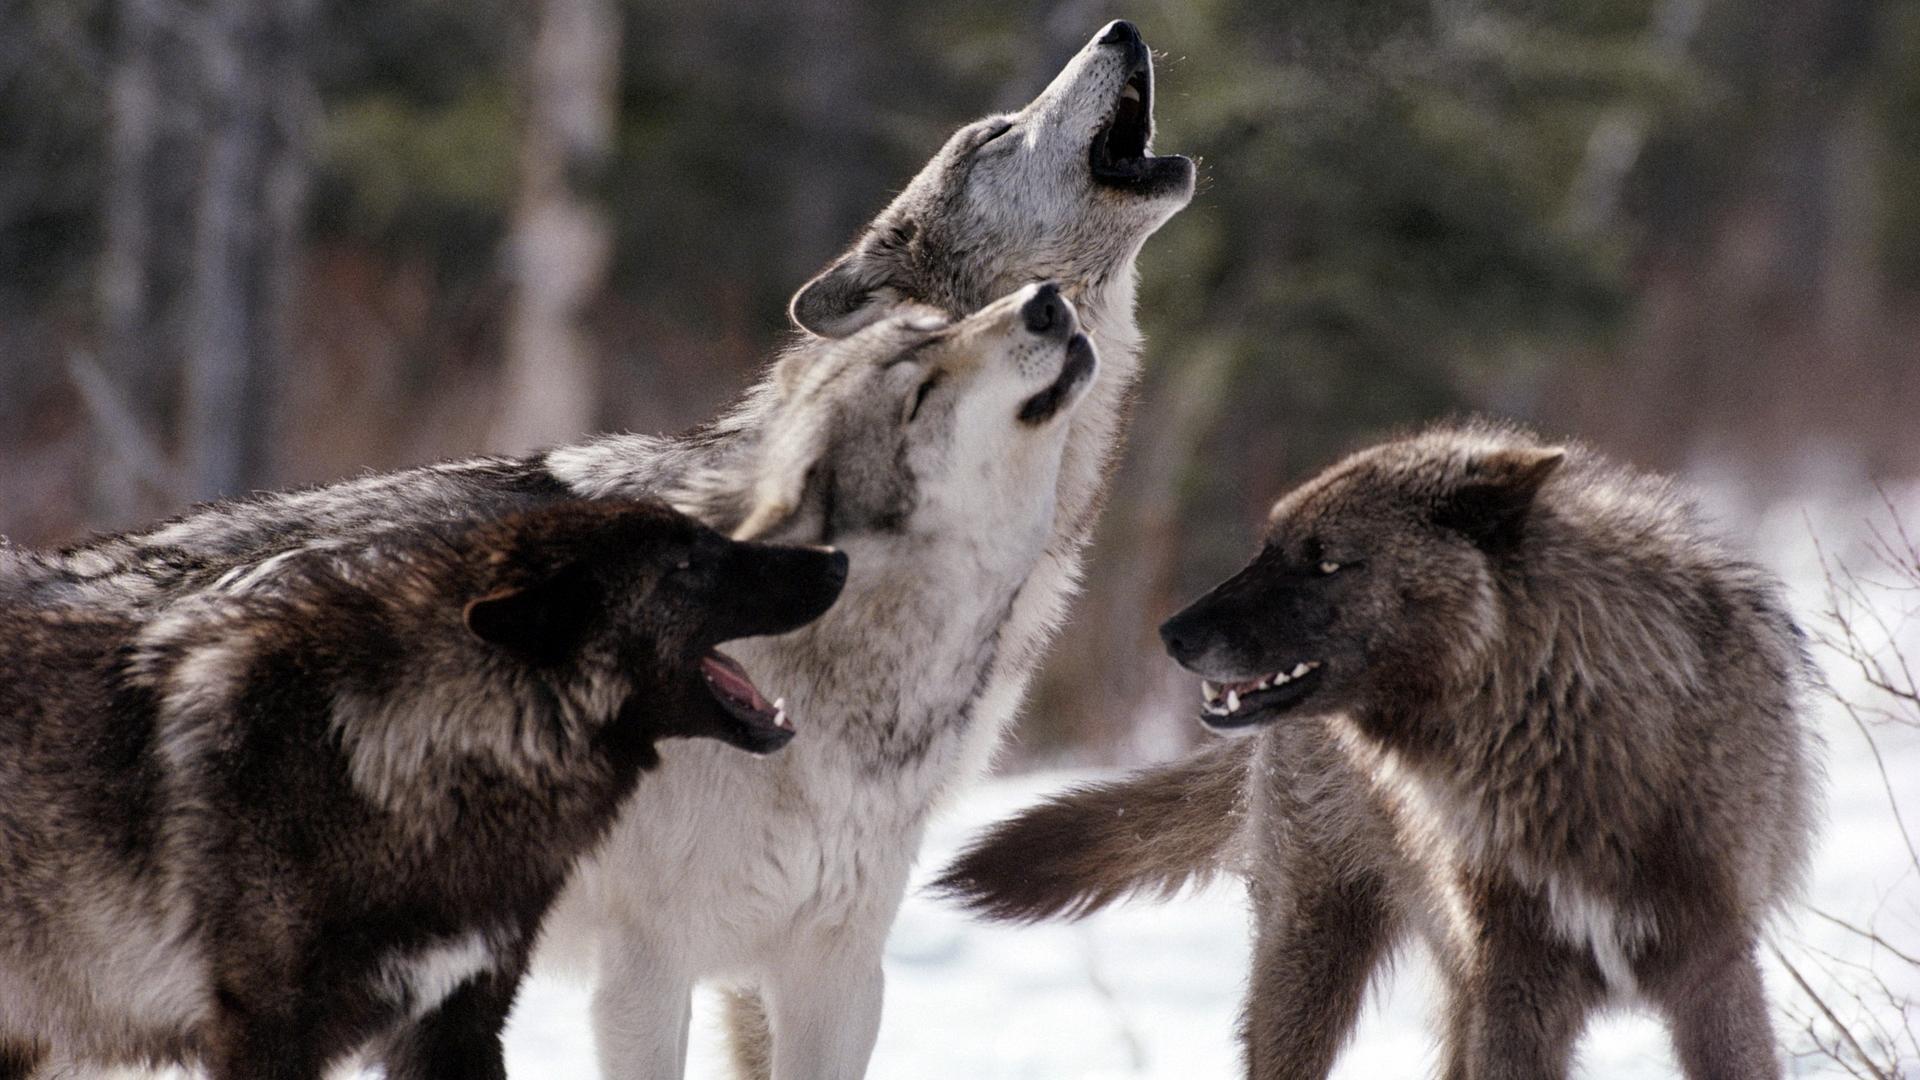 колесу картинки стай волков для рабочего стола вам фрау шмидт